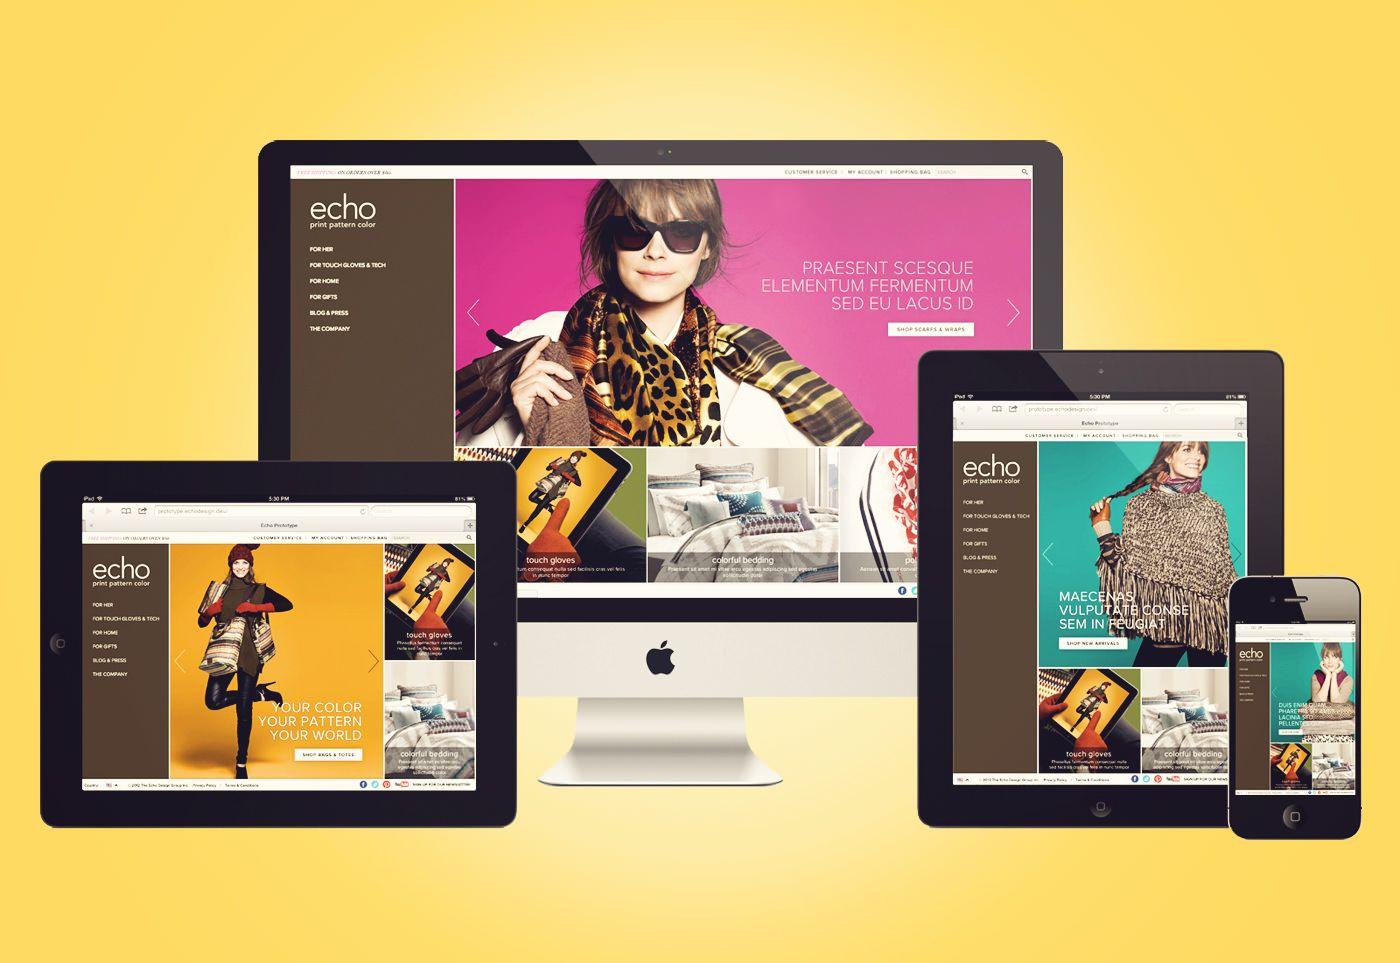 Startup Web Design Essential Web Design Tips For Startups